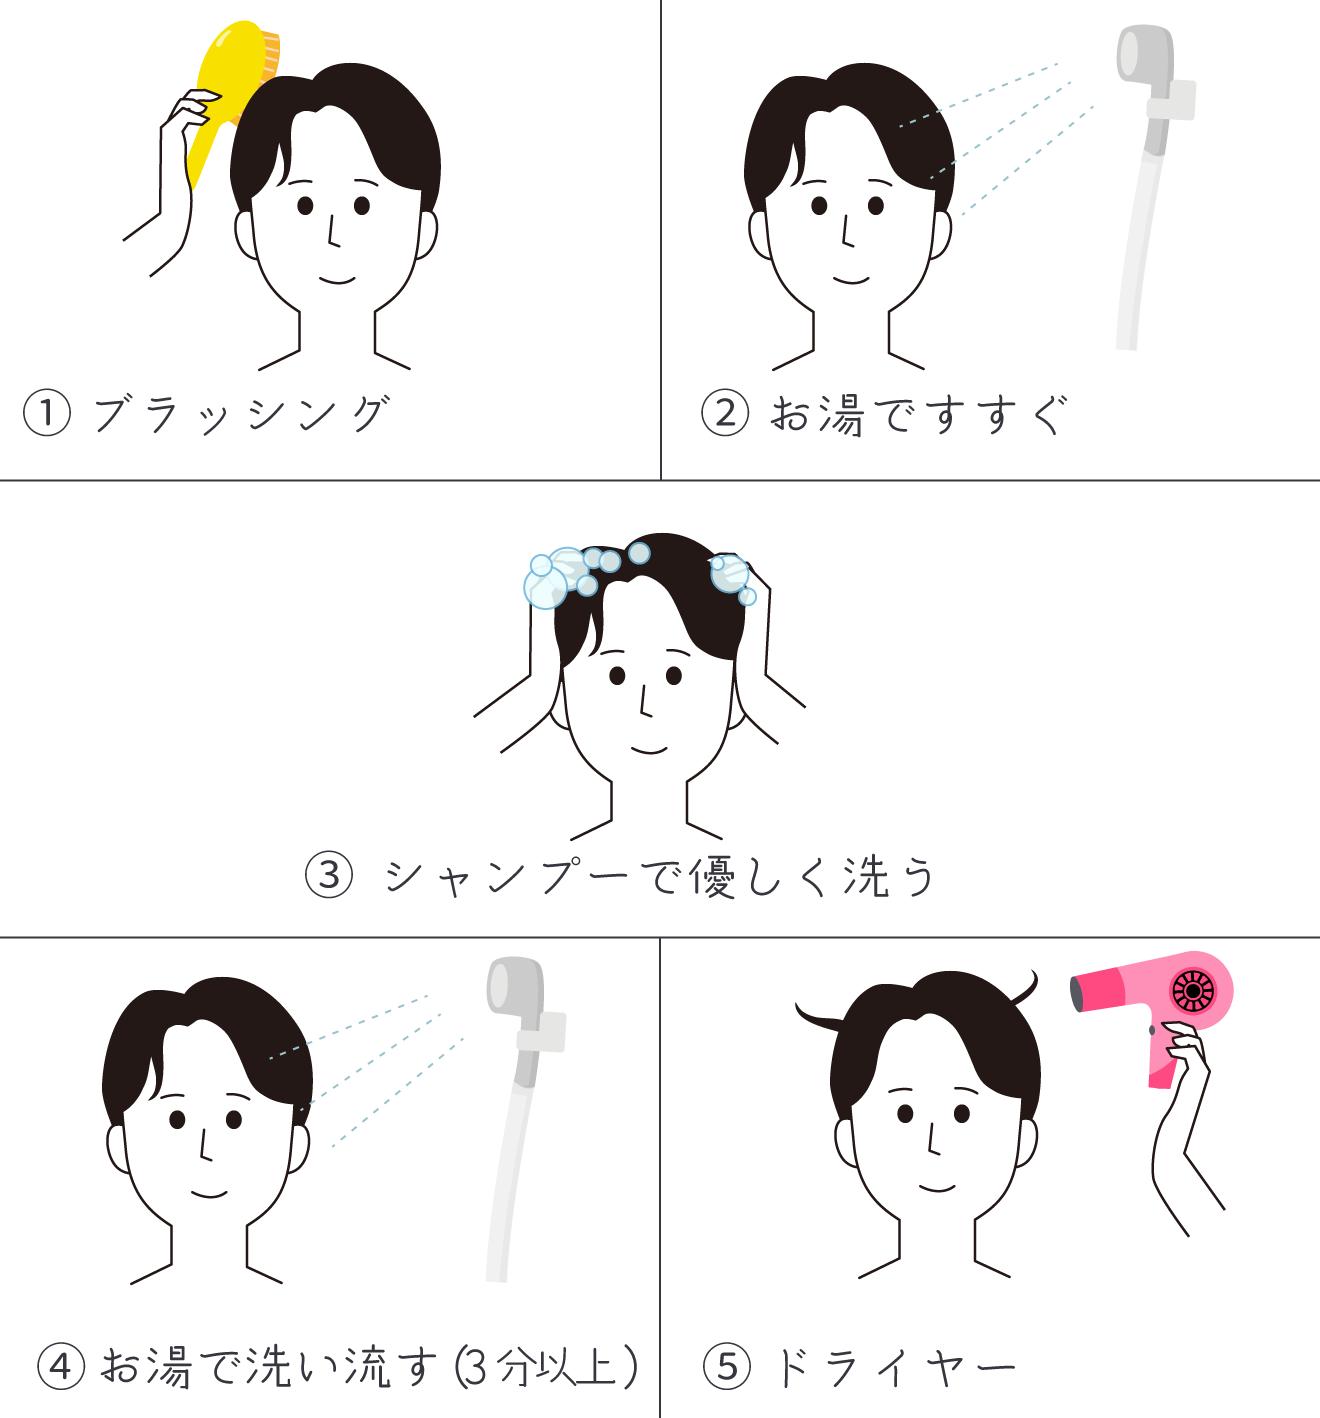 ①ブラッシング ②お湯ですすぐ ③シャンプーで優しく洗う ④お湯で洗い流す(3分以上) ⑤ドライヤー